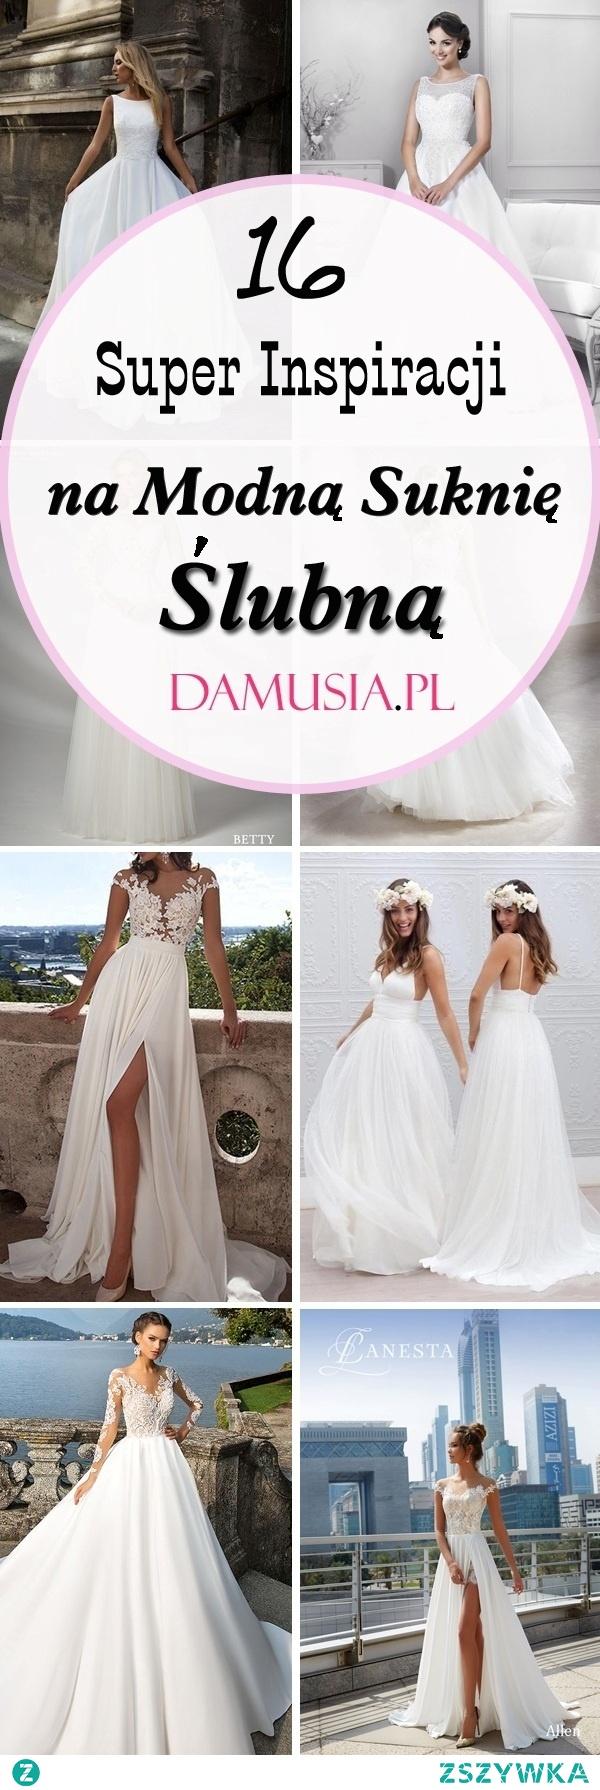 16 Super Inspiracji na Modną Suknię Ślubną